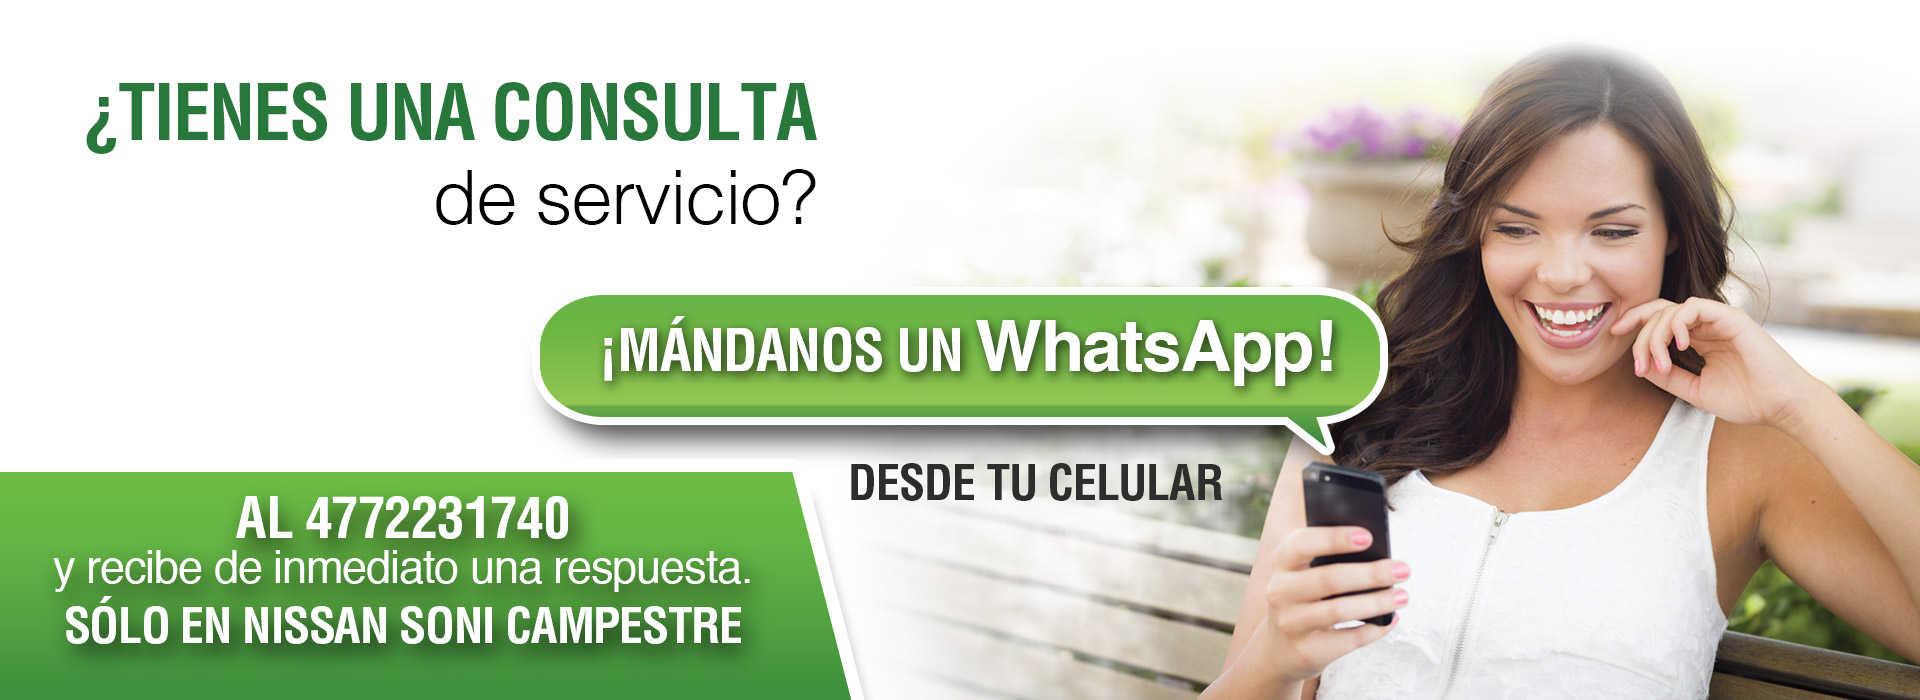 Whatsapp servicio